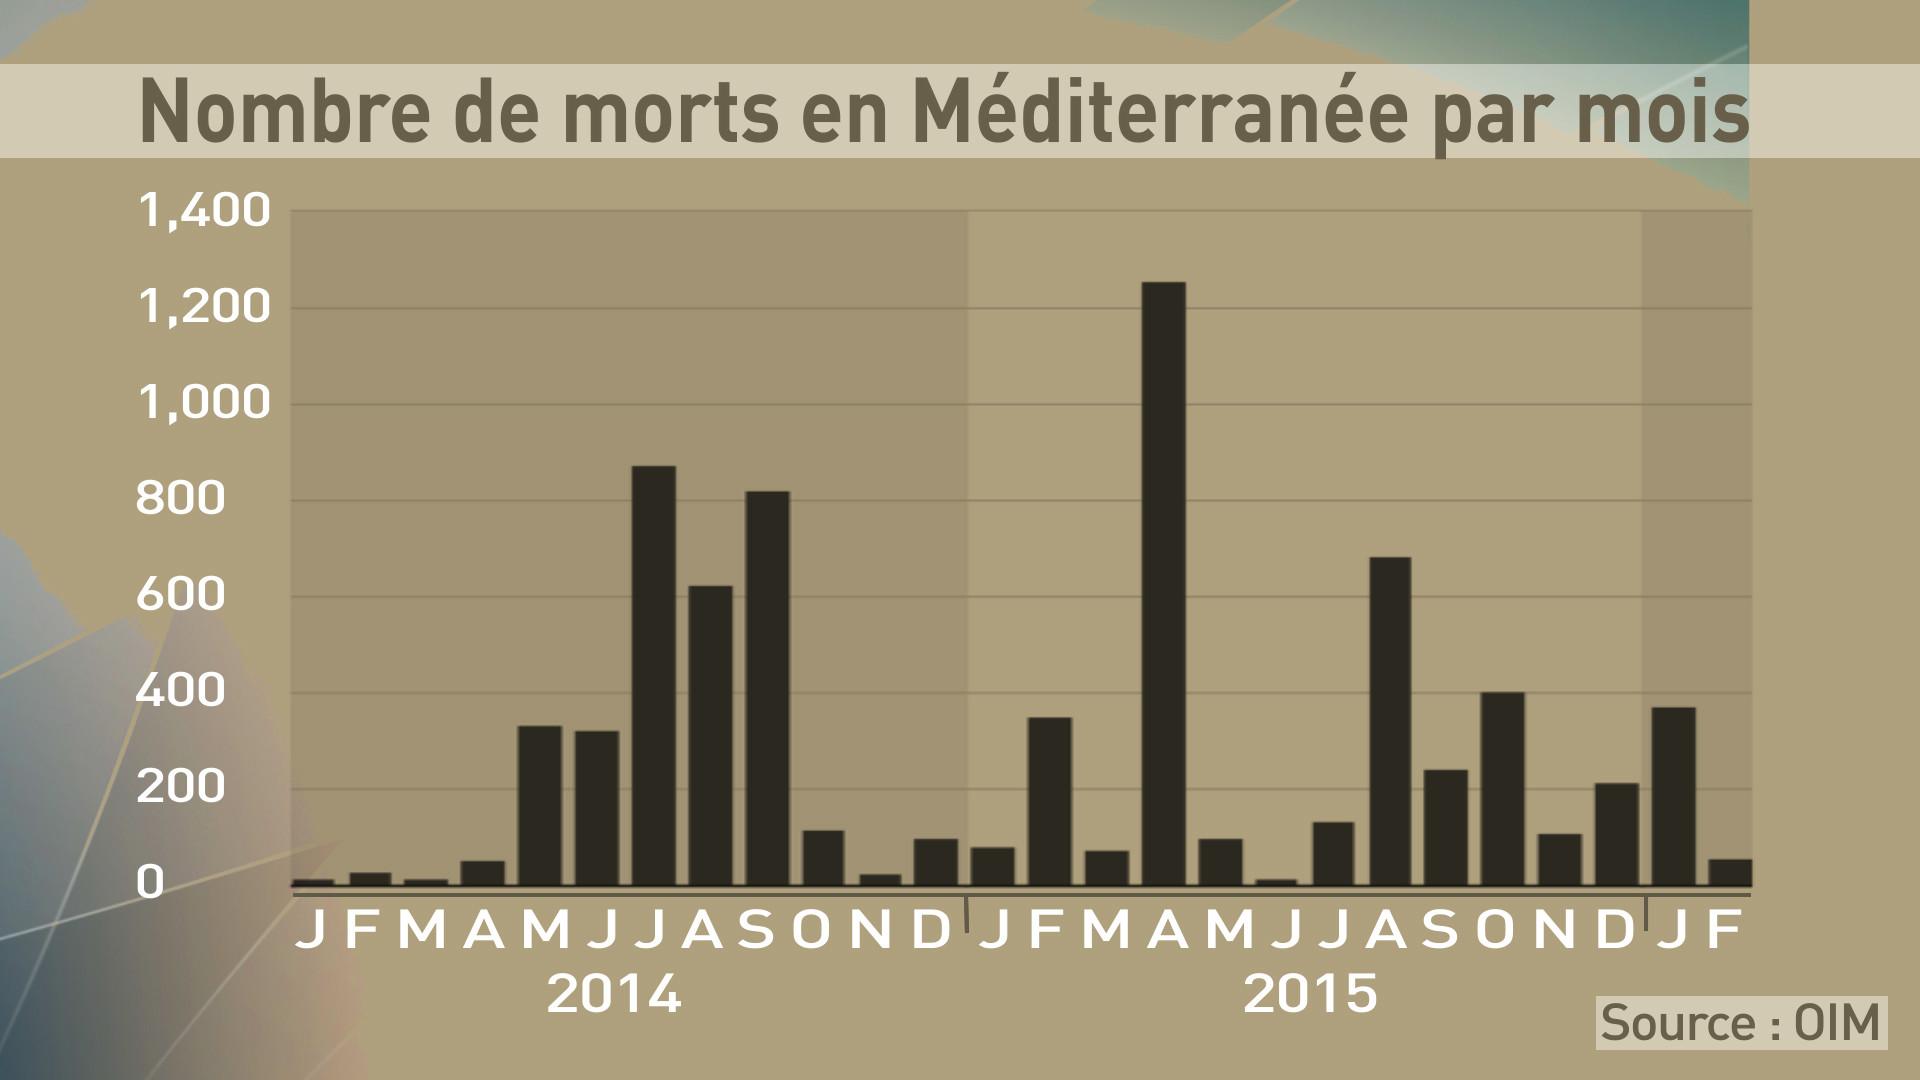 Crise des réfugiés : l'année 2016 pourrait être l'année la plus meurtrière en Méditerranée